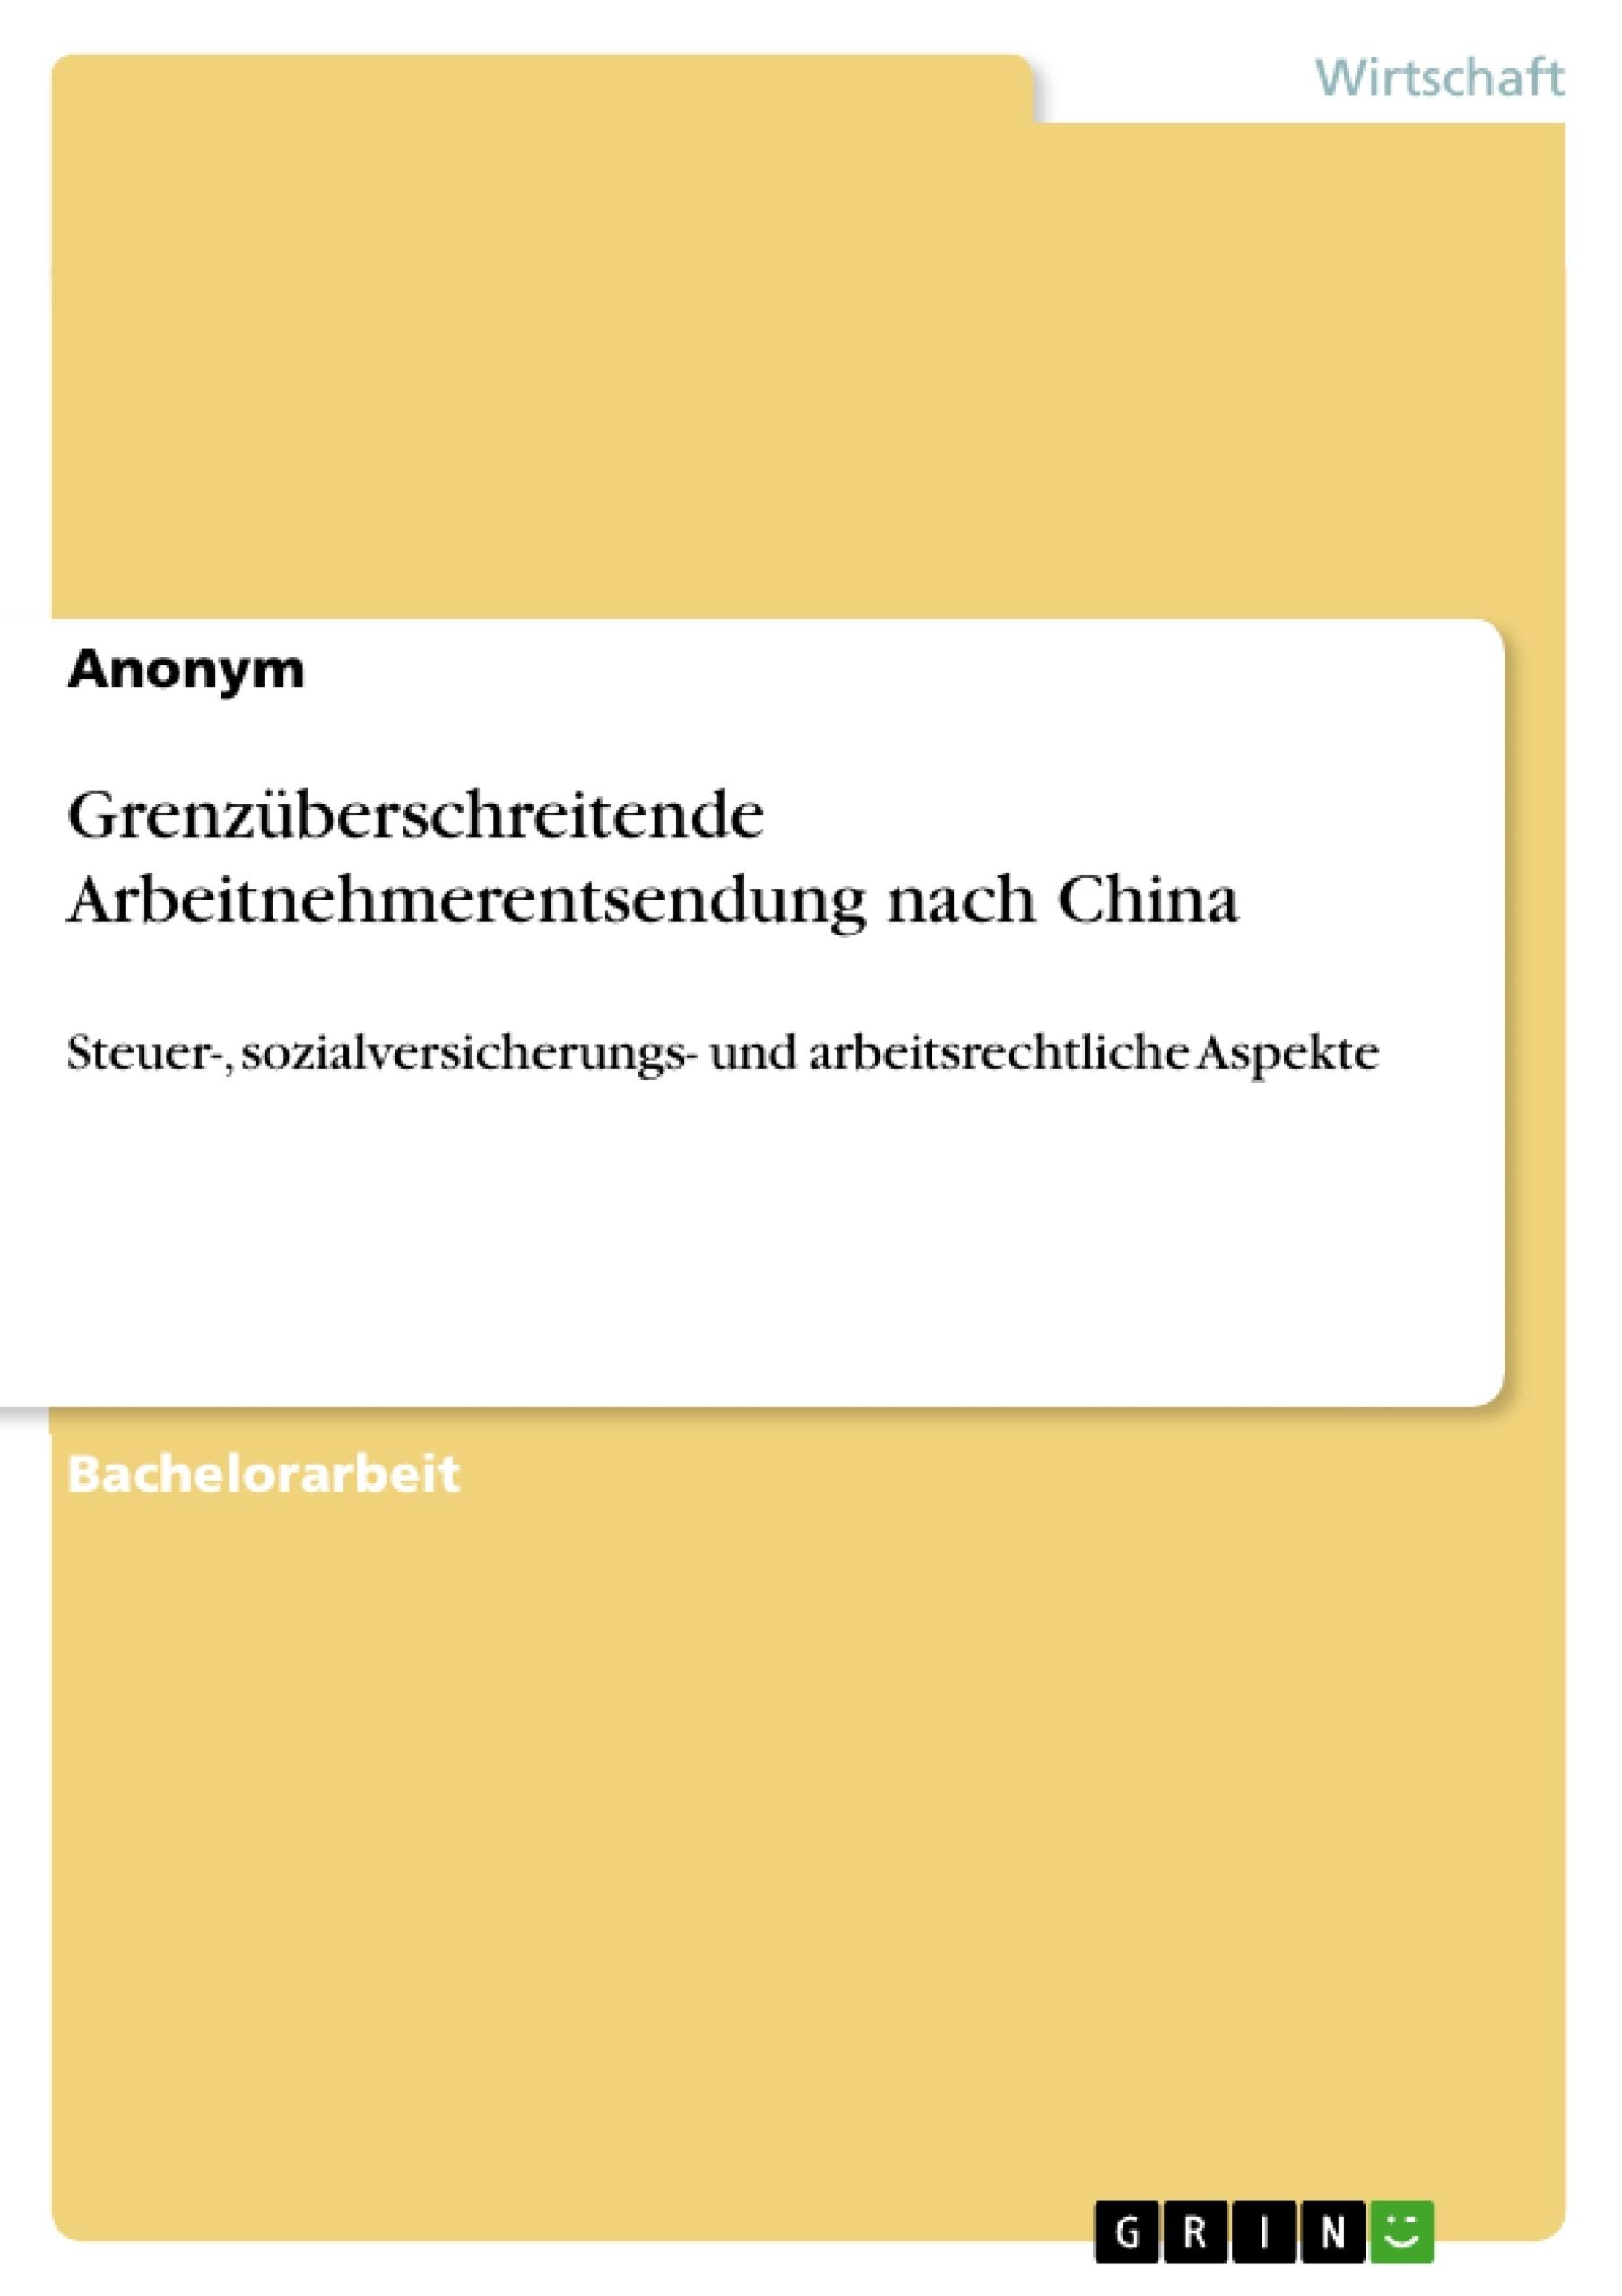 Titel: Grenzüberschreitende Arbeitnehmerentsendung nach China